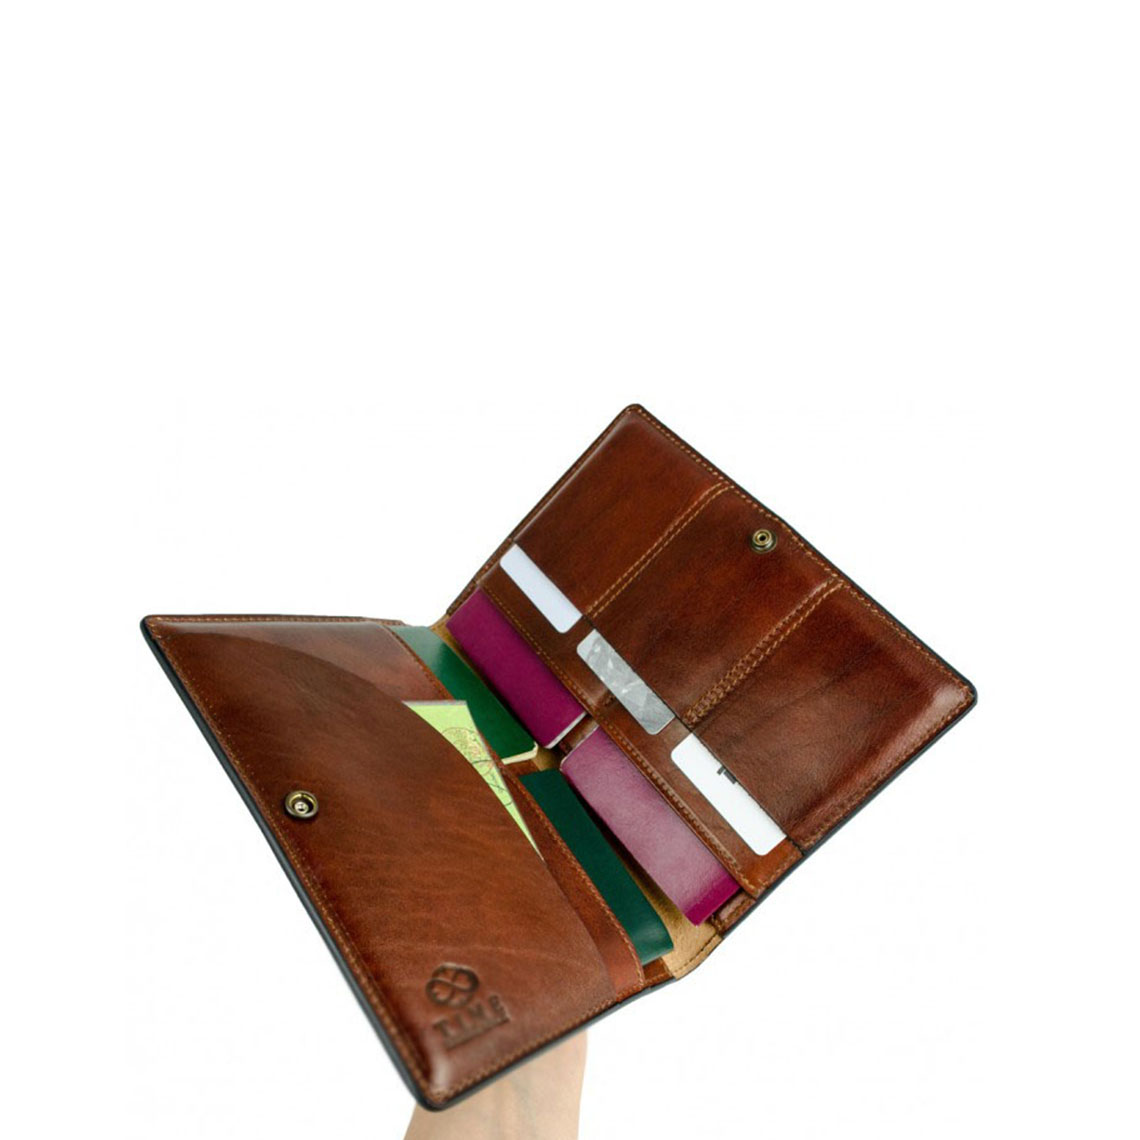 pasu dokumentu didelis seimos deklas atosotgom keliautojui is Naturalios odos odiniai gaminai gimtadienio jubiliejaus prabangios brangios dovanos vyrui vyrams teciui sunui seneliui vaikinui zentui uosviui praktiskos naudingos idejos 6